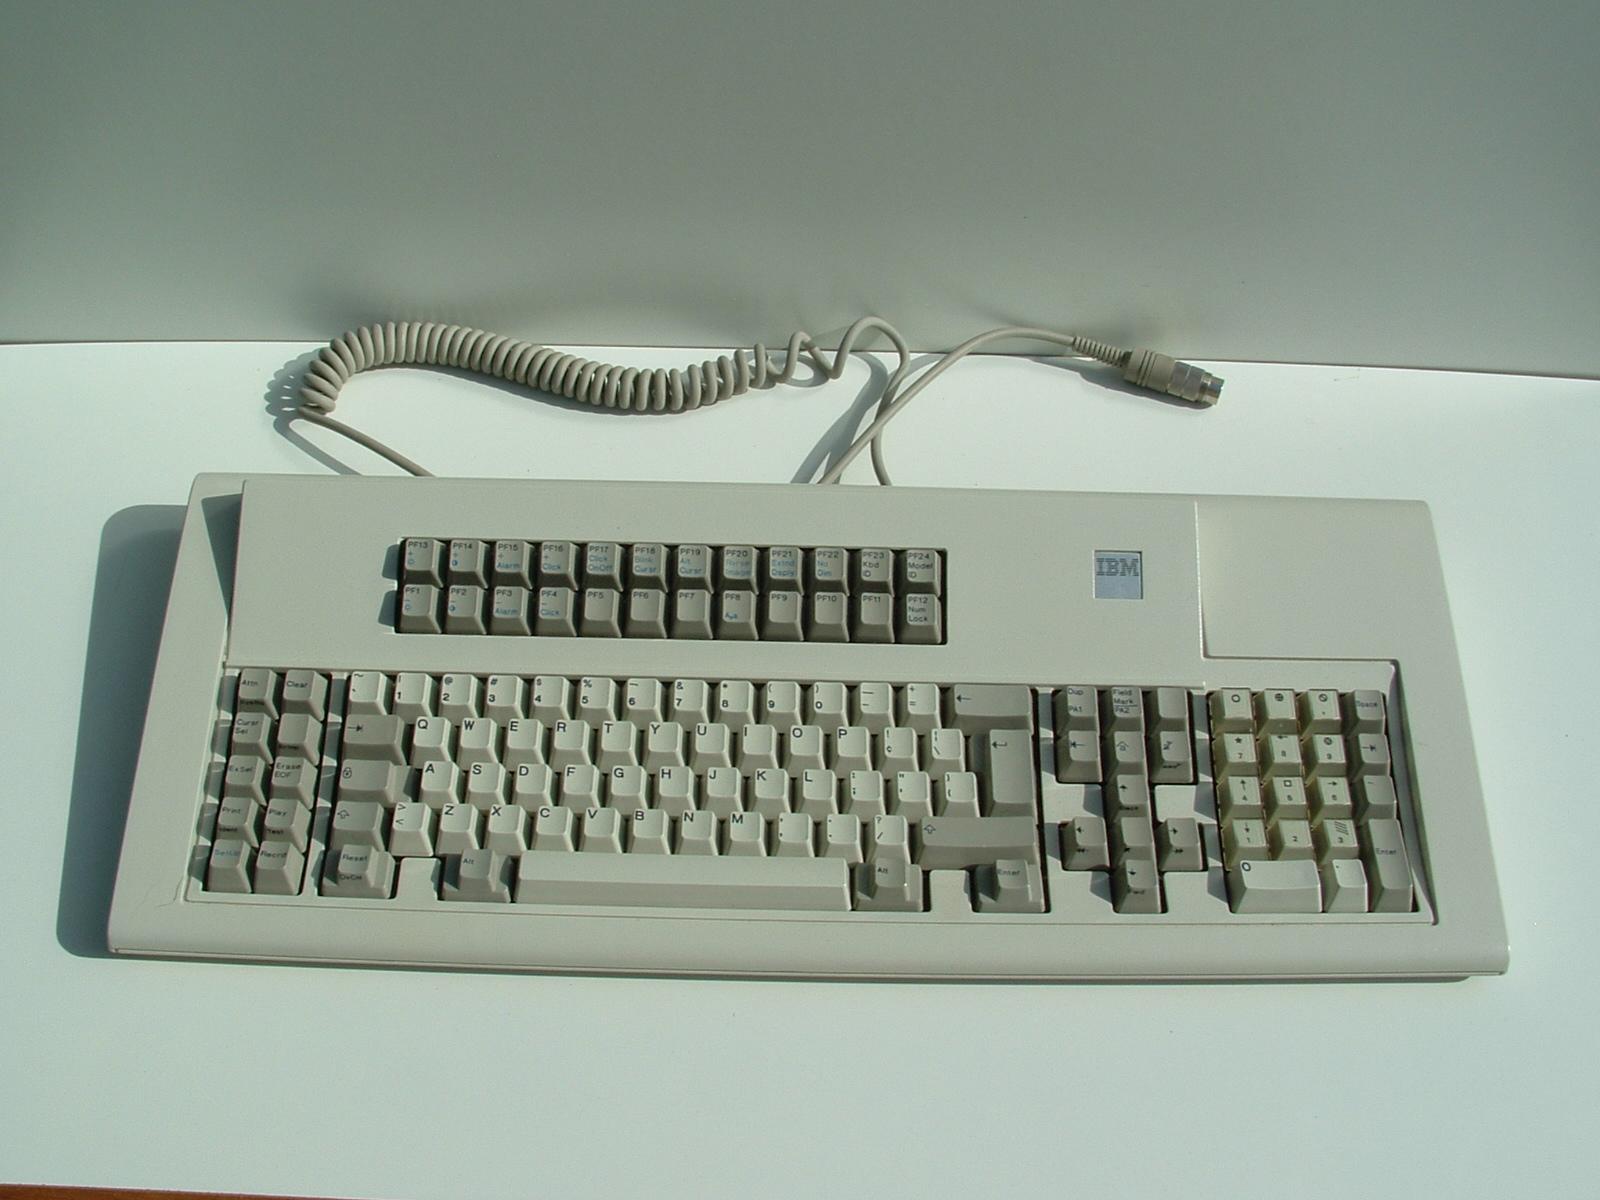 IBM keyboard page